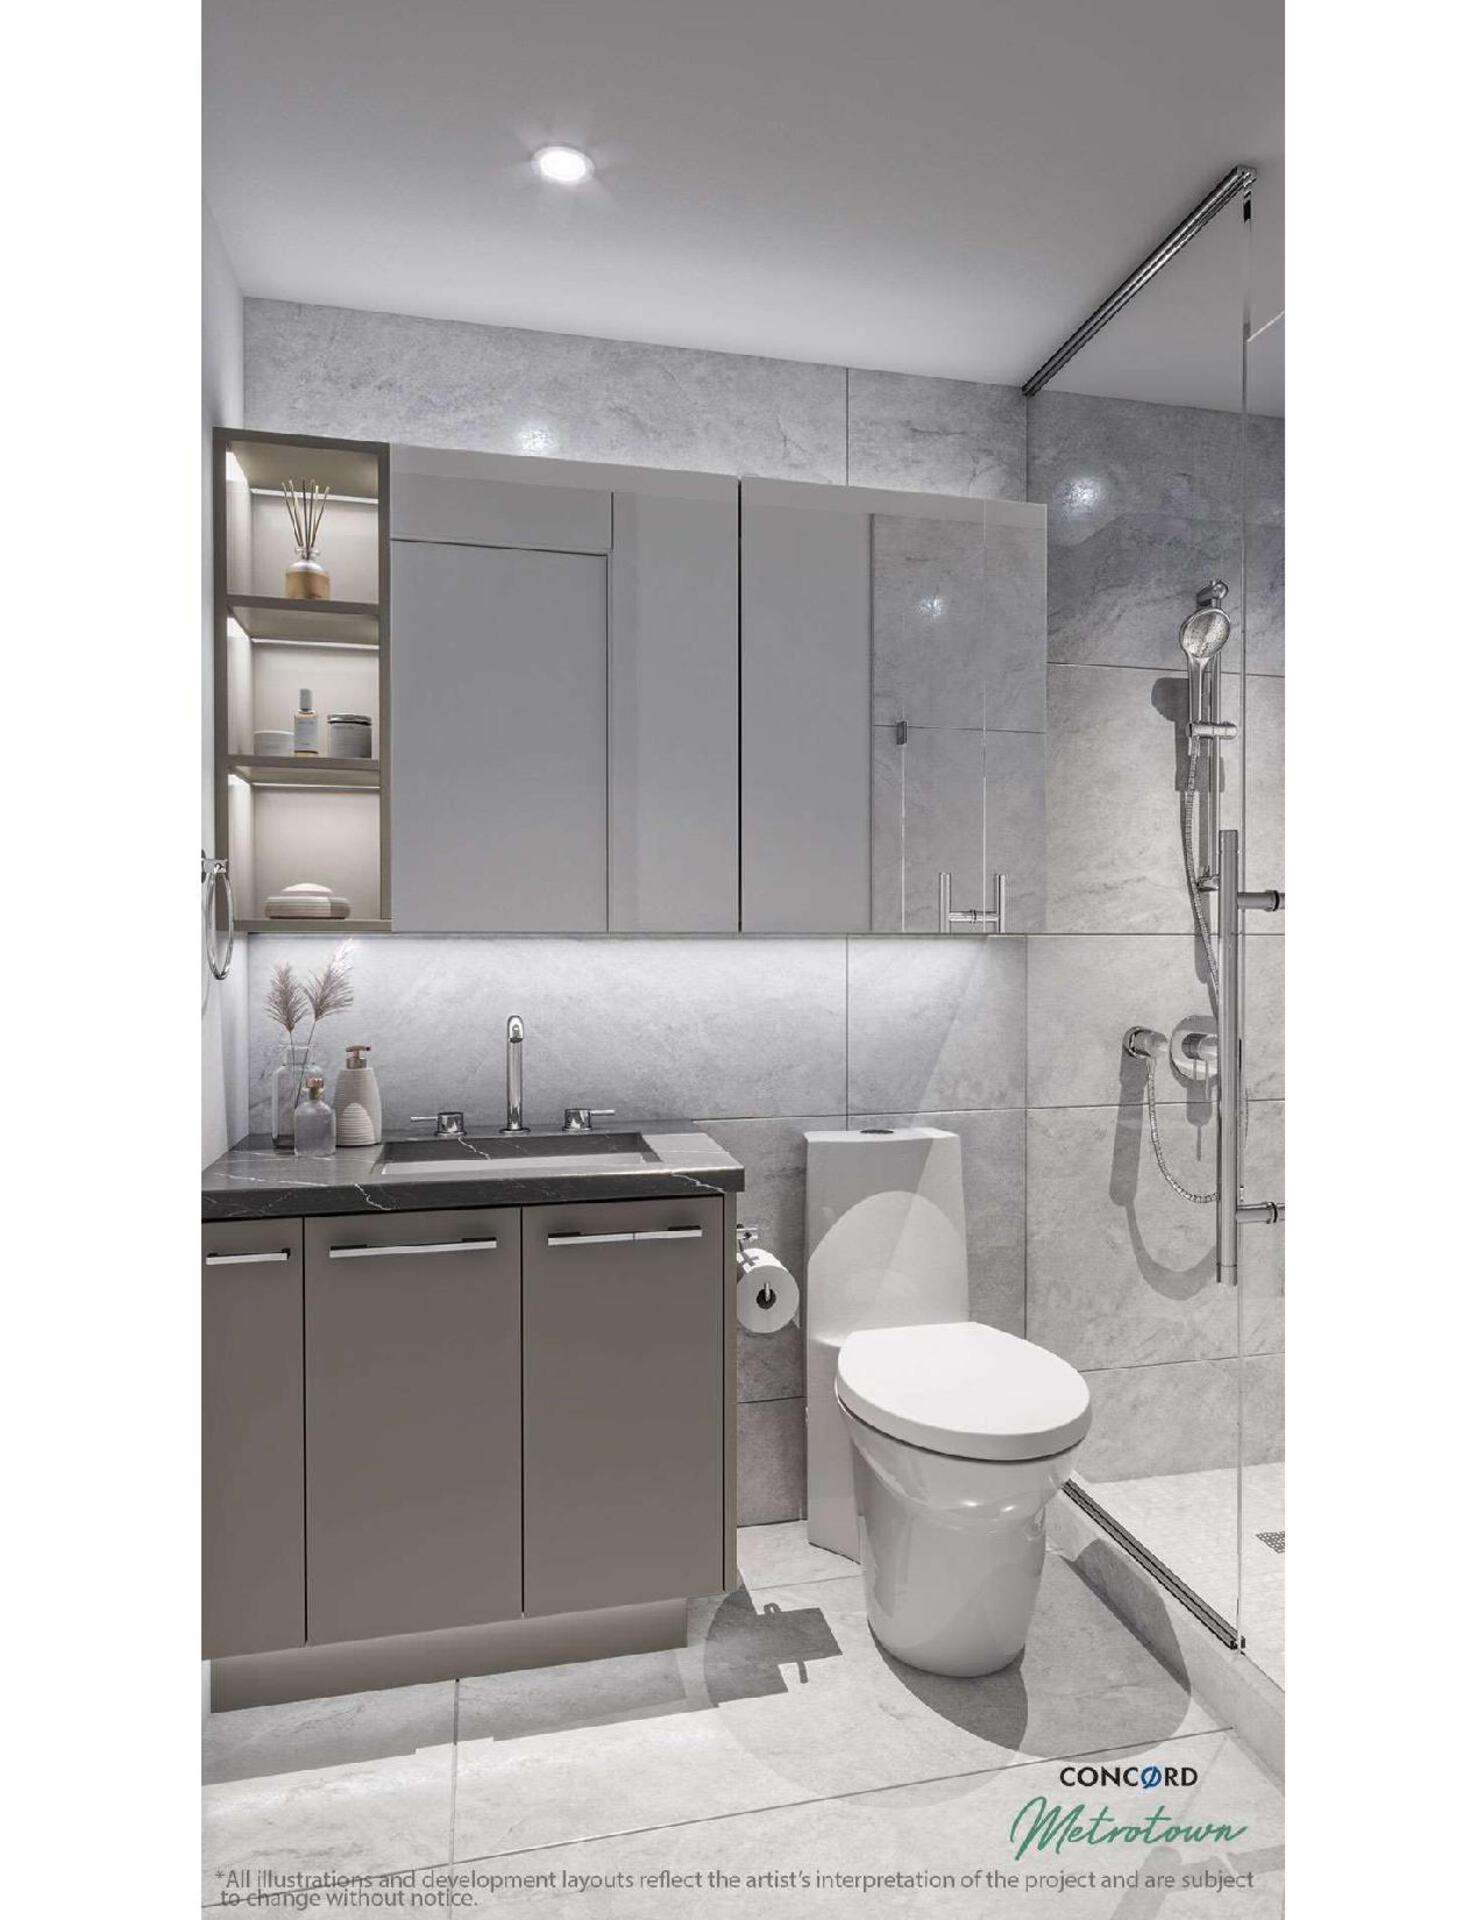 cm-bathroom-rendering-page-001 at Concord Metrotown (4750 Kingsway, Metrotown, Burnaby South)